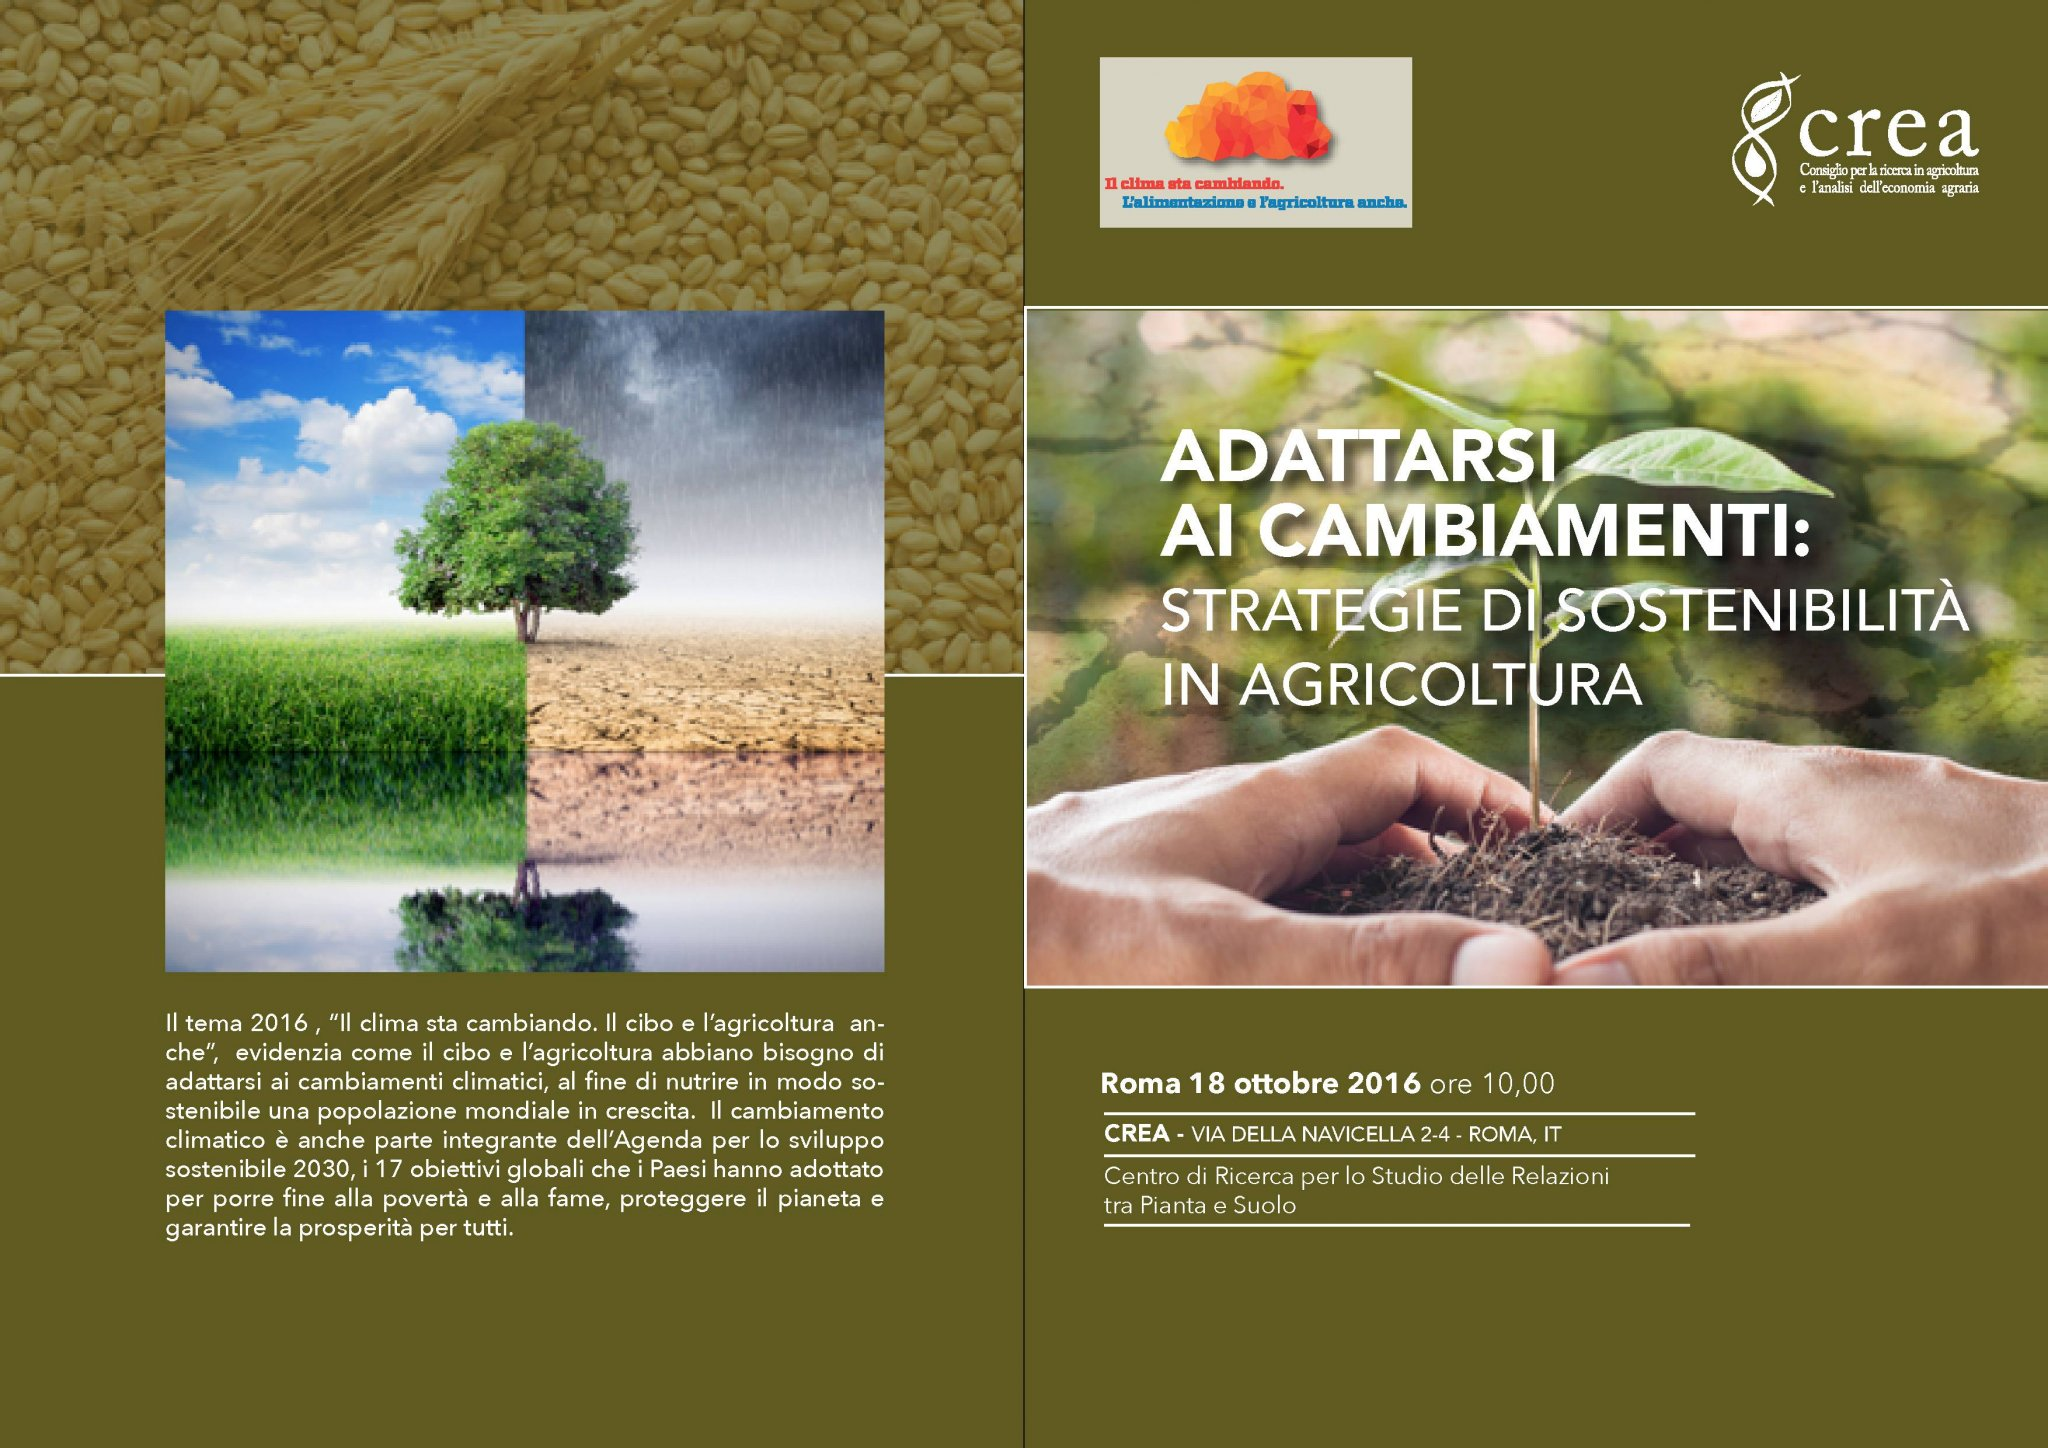 18 Ottobre - Giornata Mondiale dell'Alimentazione a Villa Celimontana